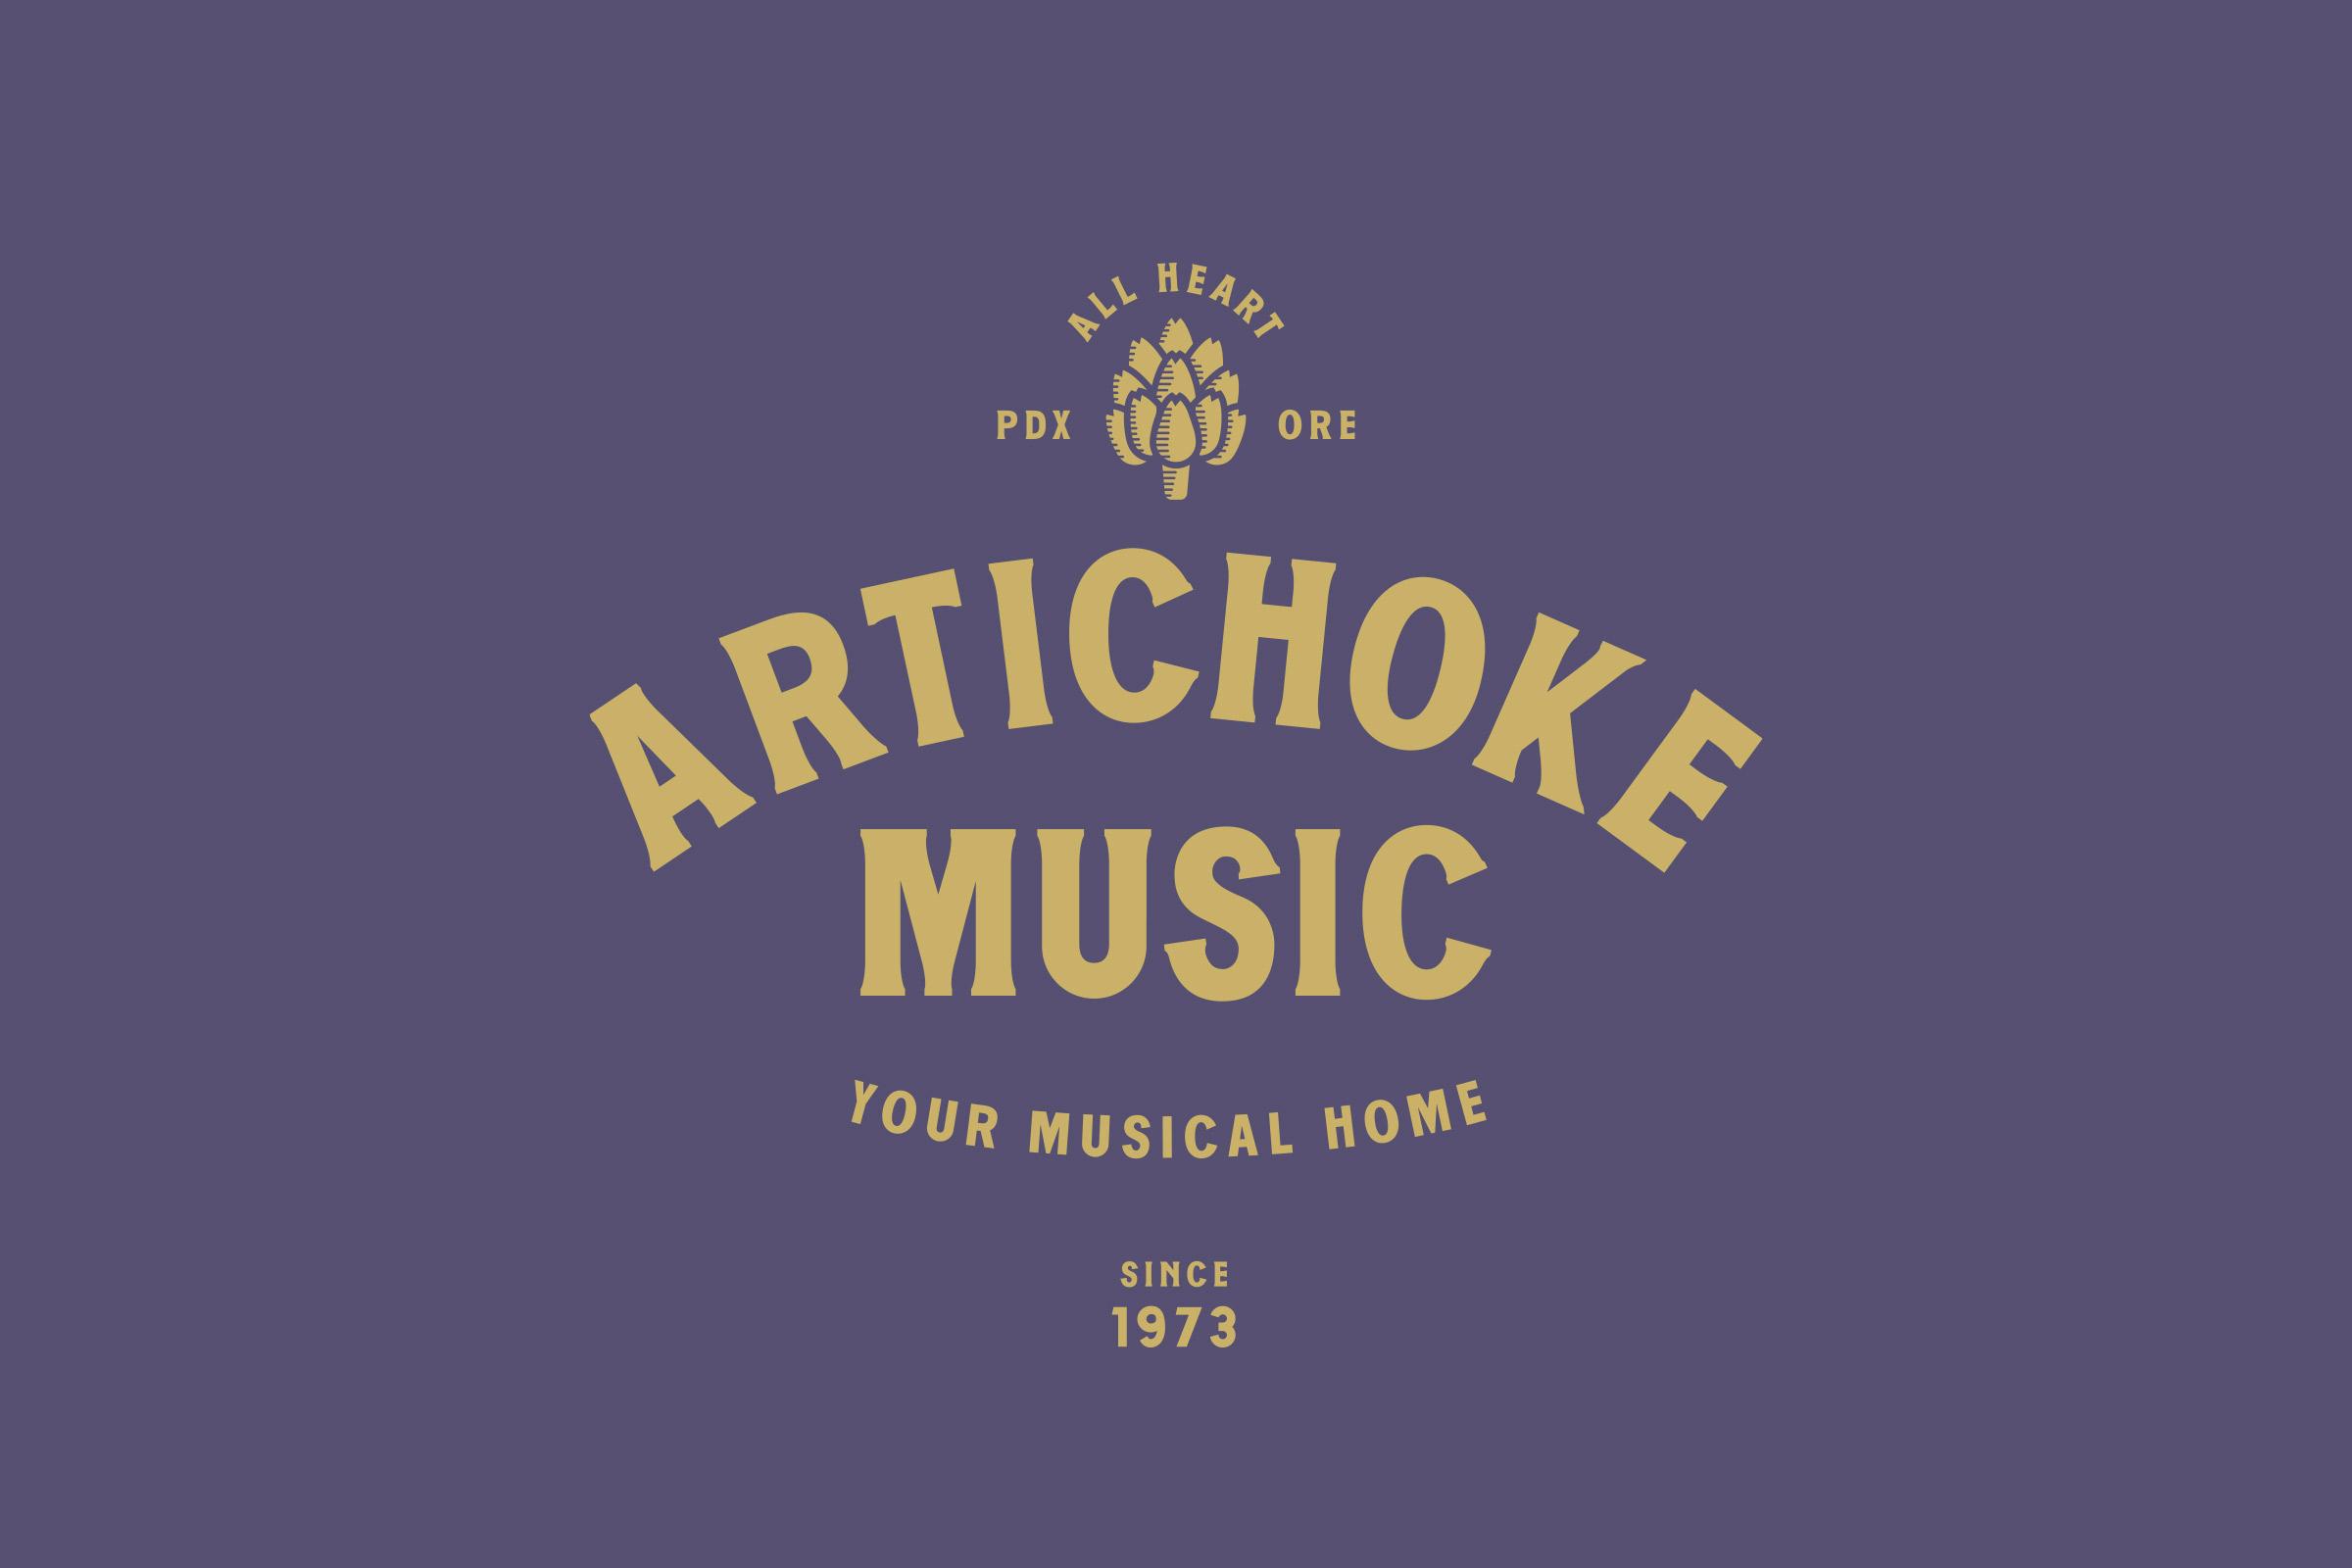 Artichoke Music Wordmark